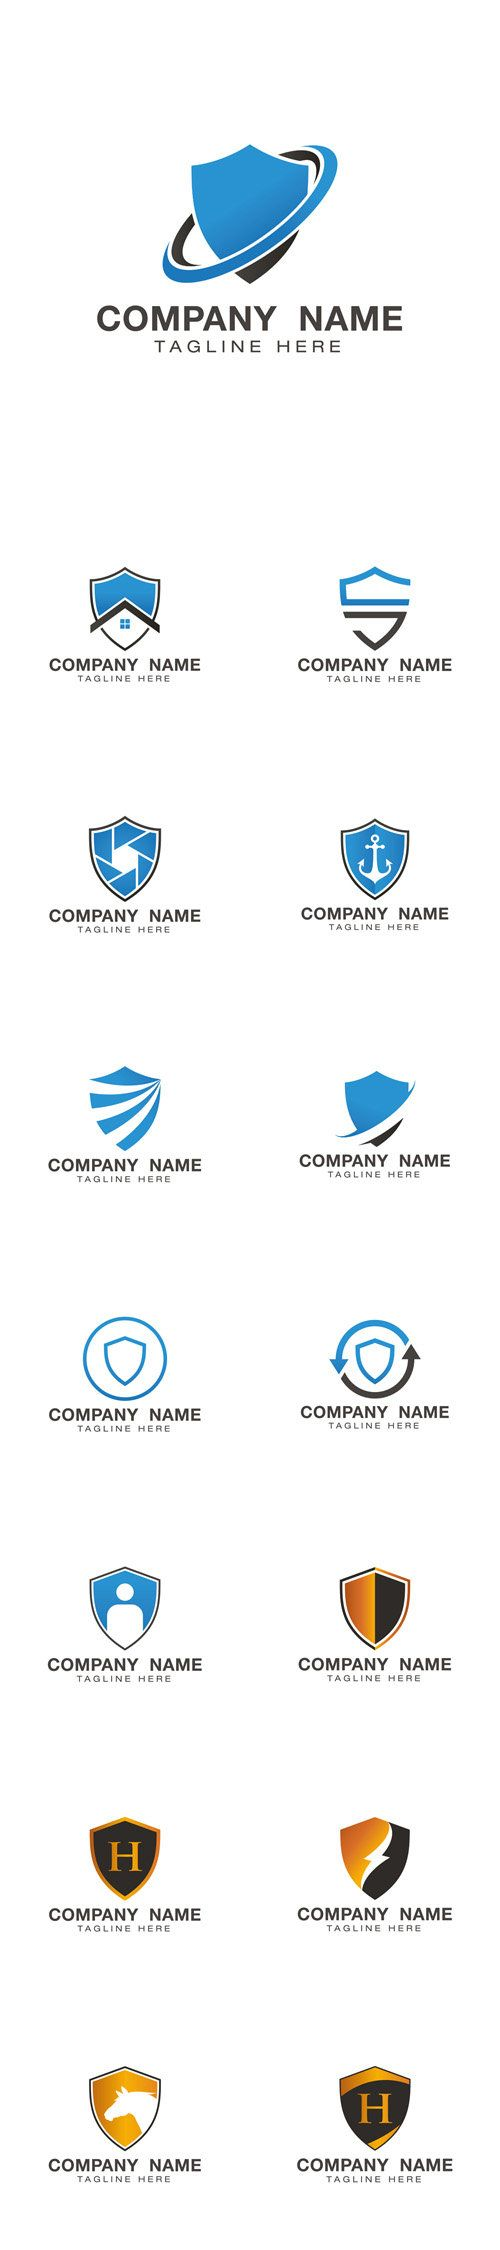 Vectors - Shield Logo Design